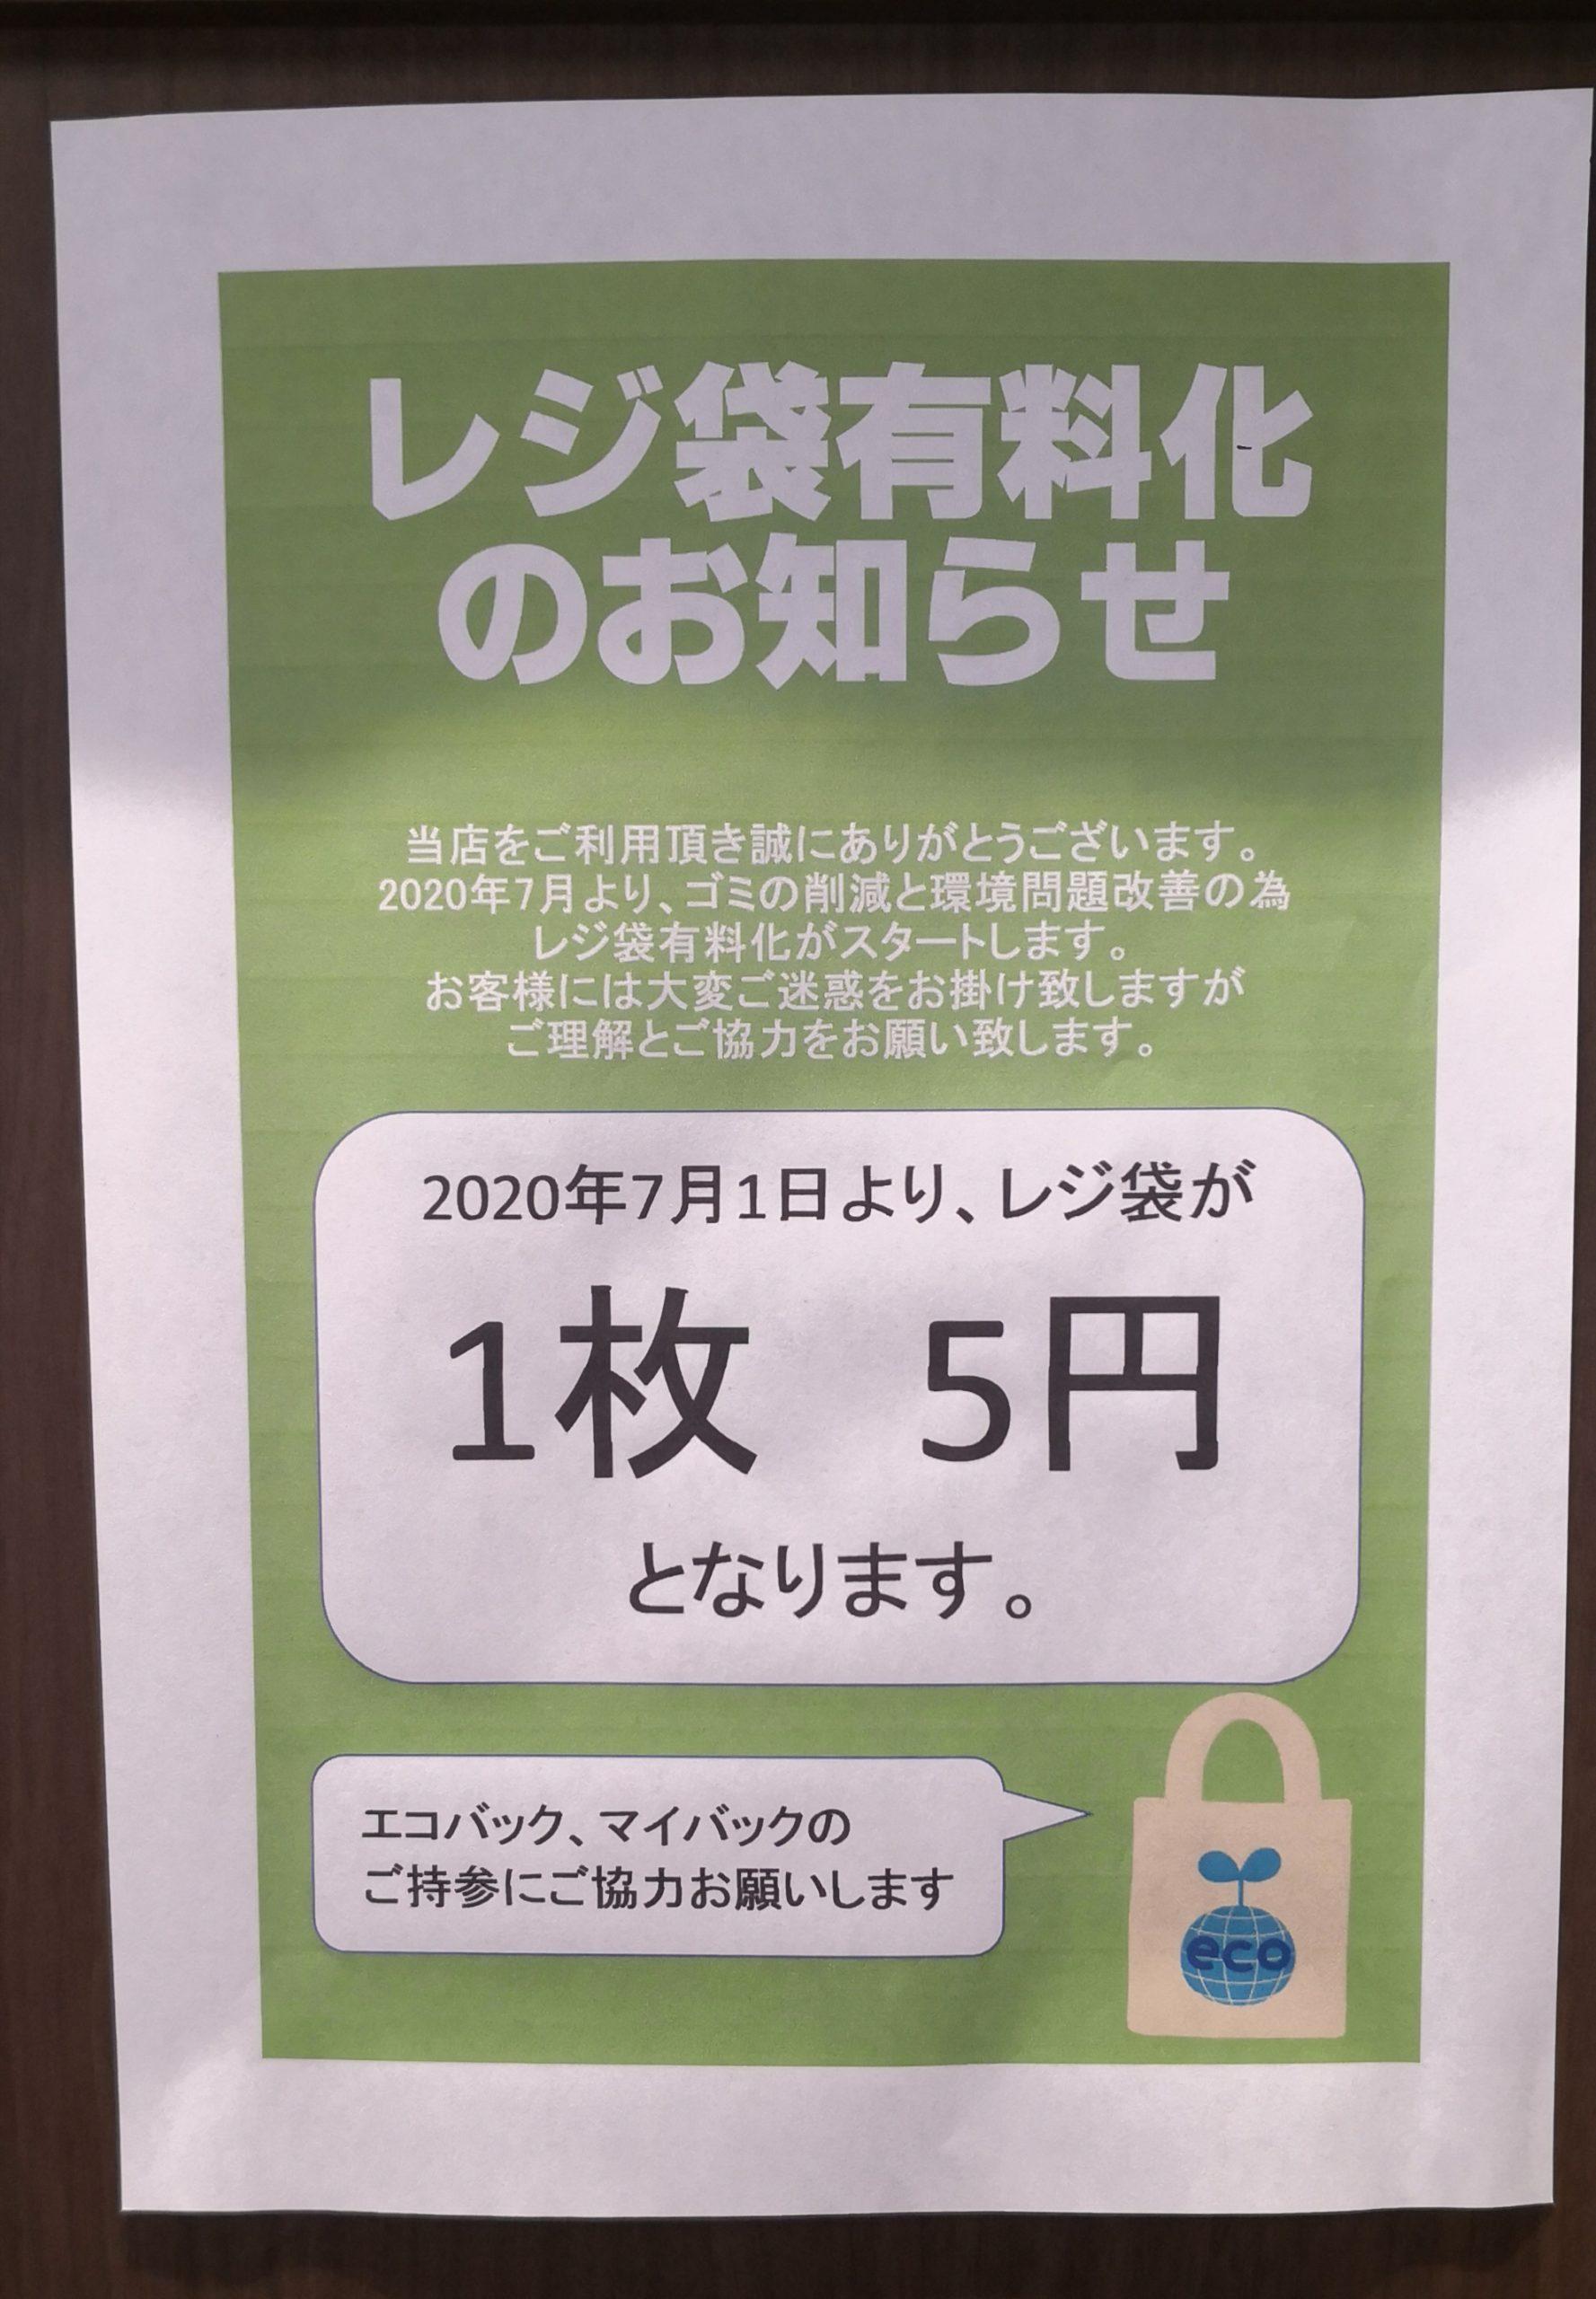 『レジ袋有料化のお知らせ』